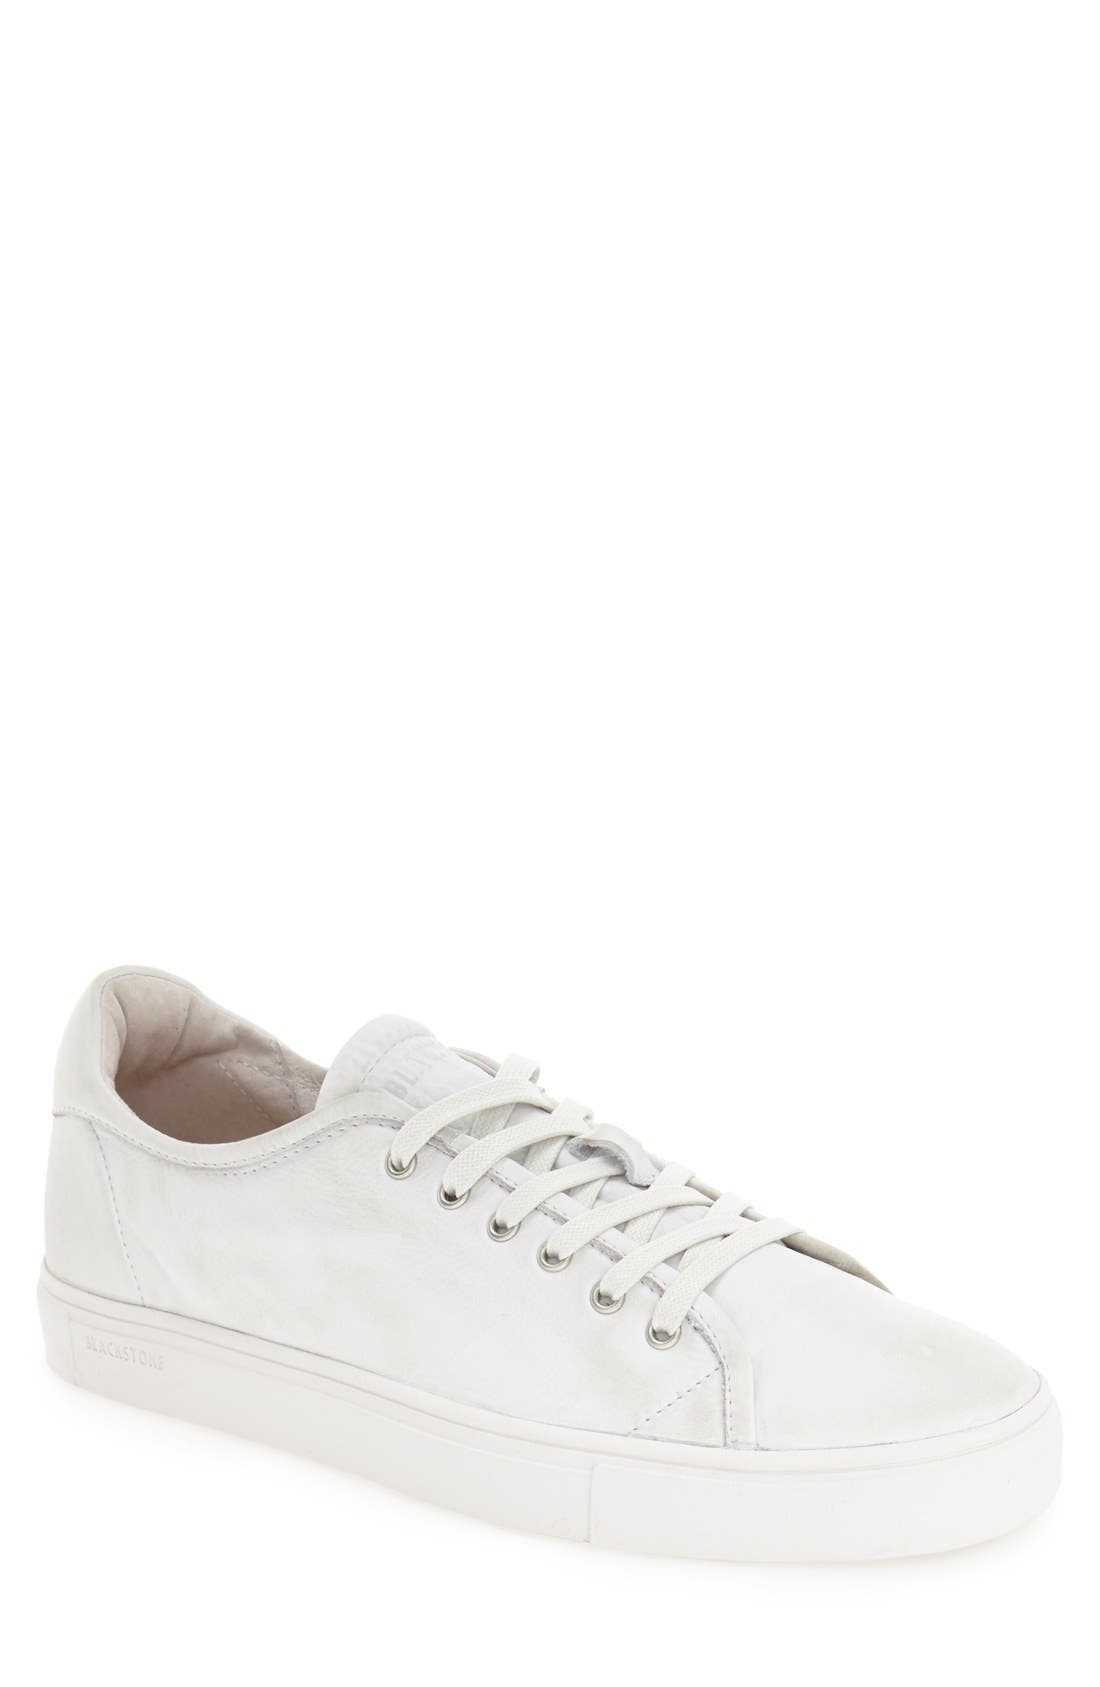 Main Image - Blacktone 'LM24' Sneaker (Men)